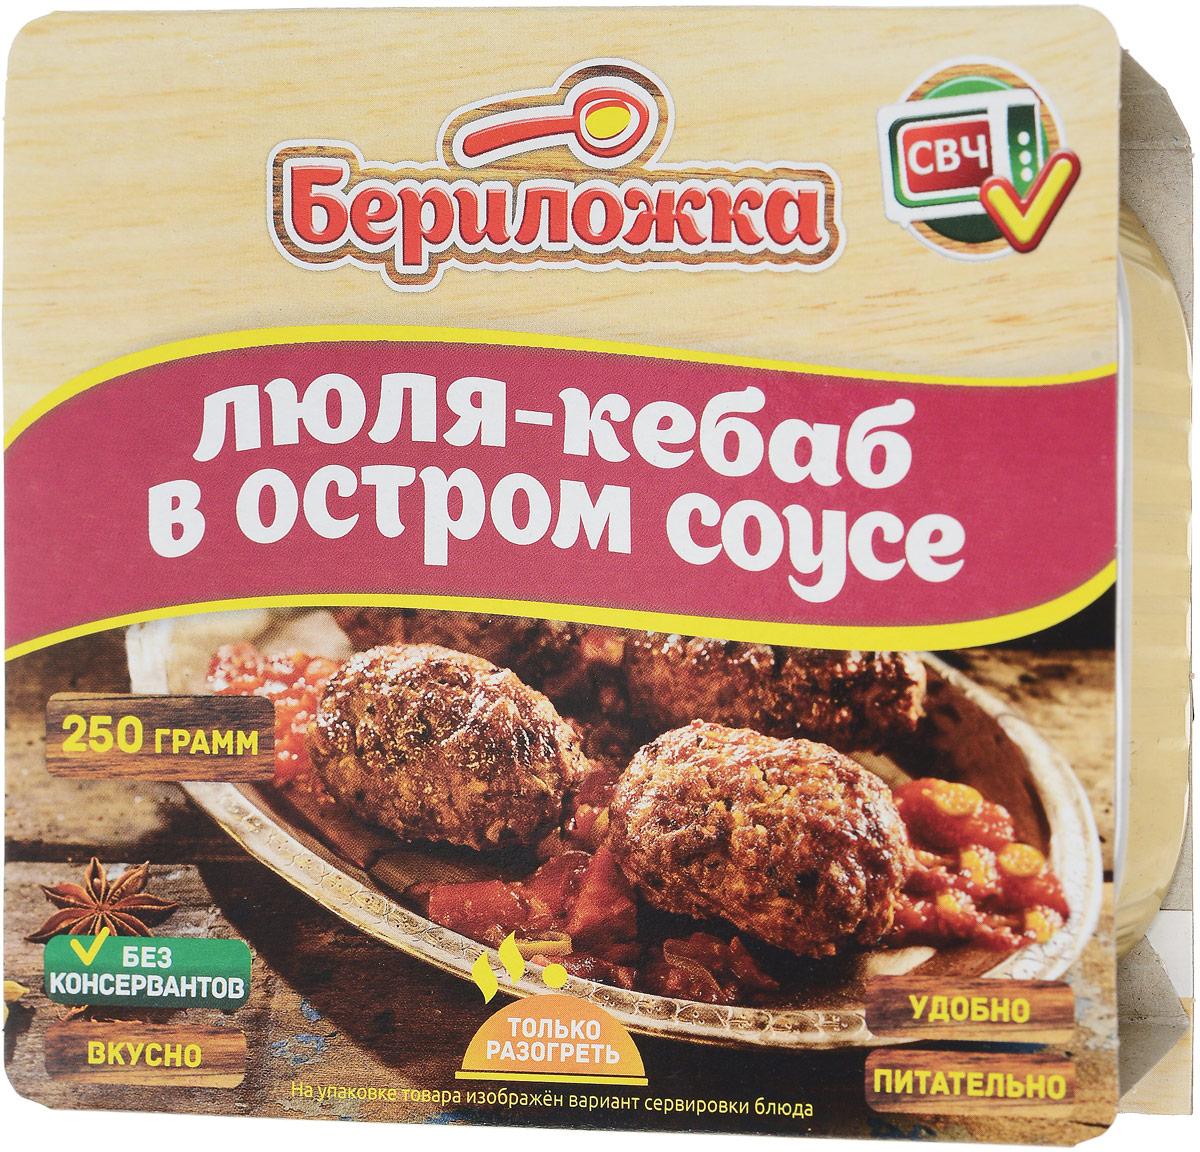 Бериложка люля-кебаб в остром соусе, 250 г